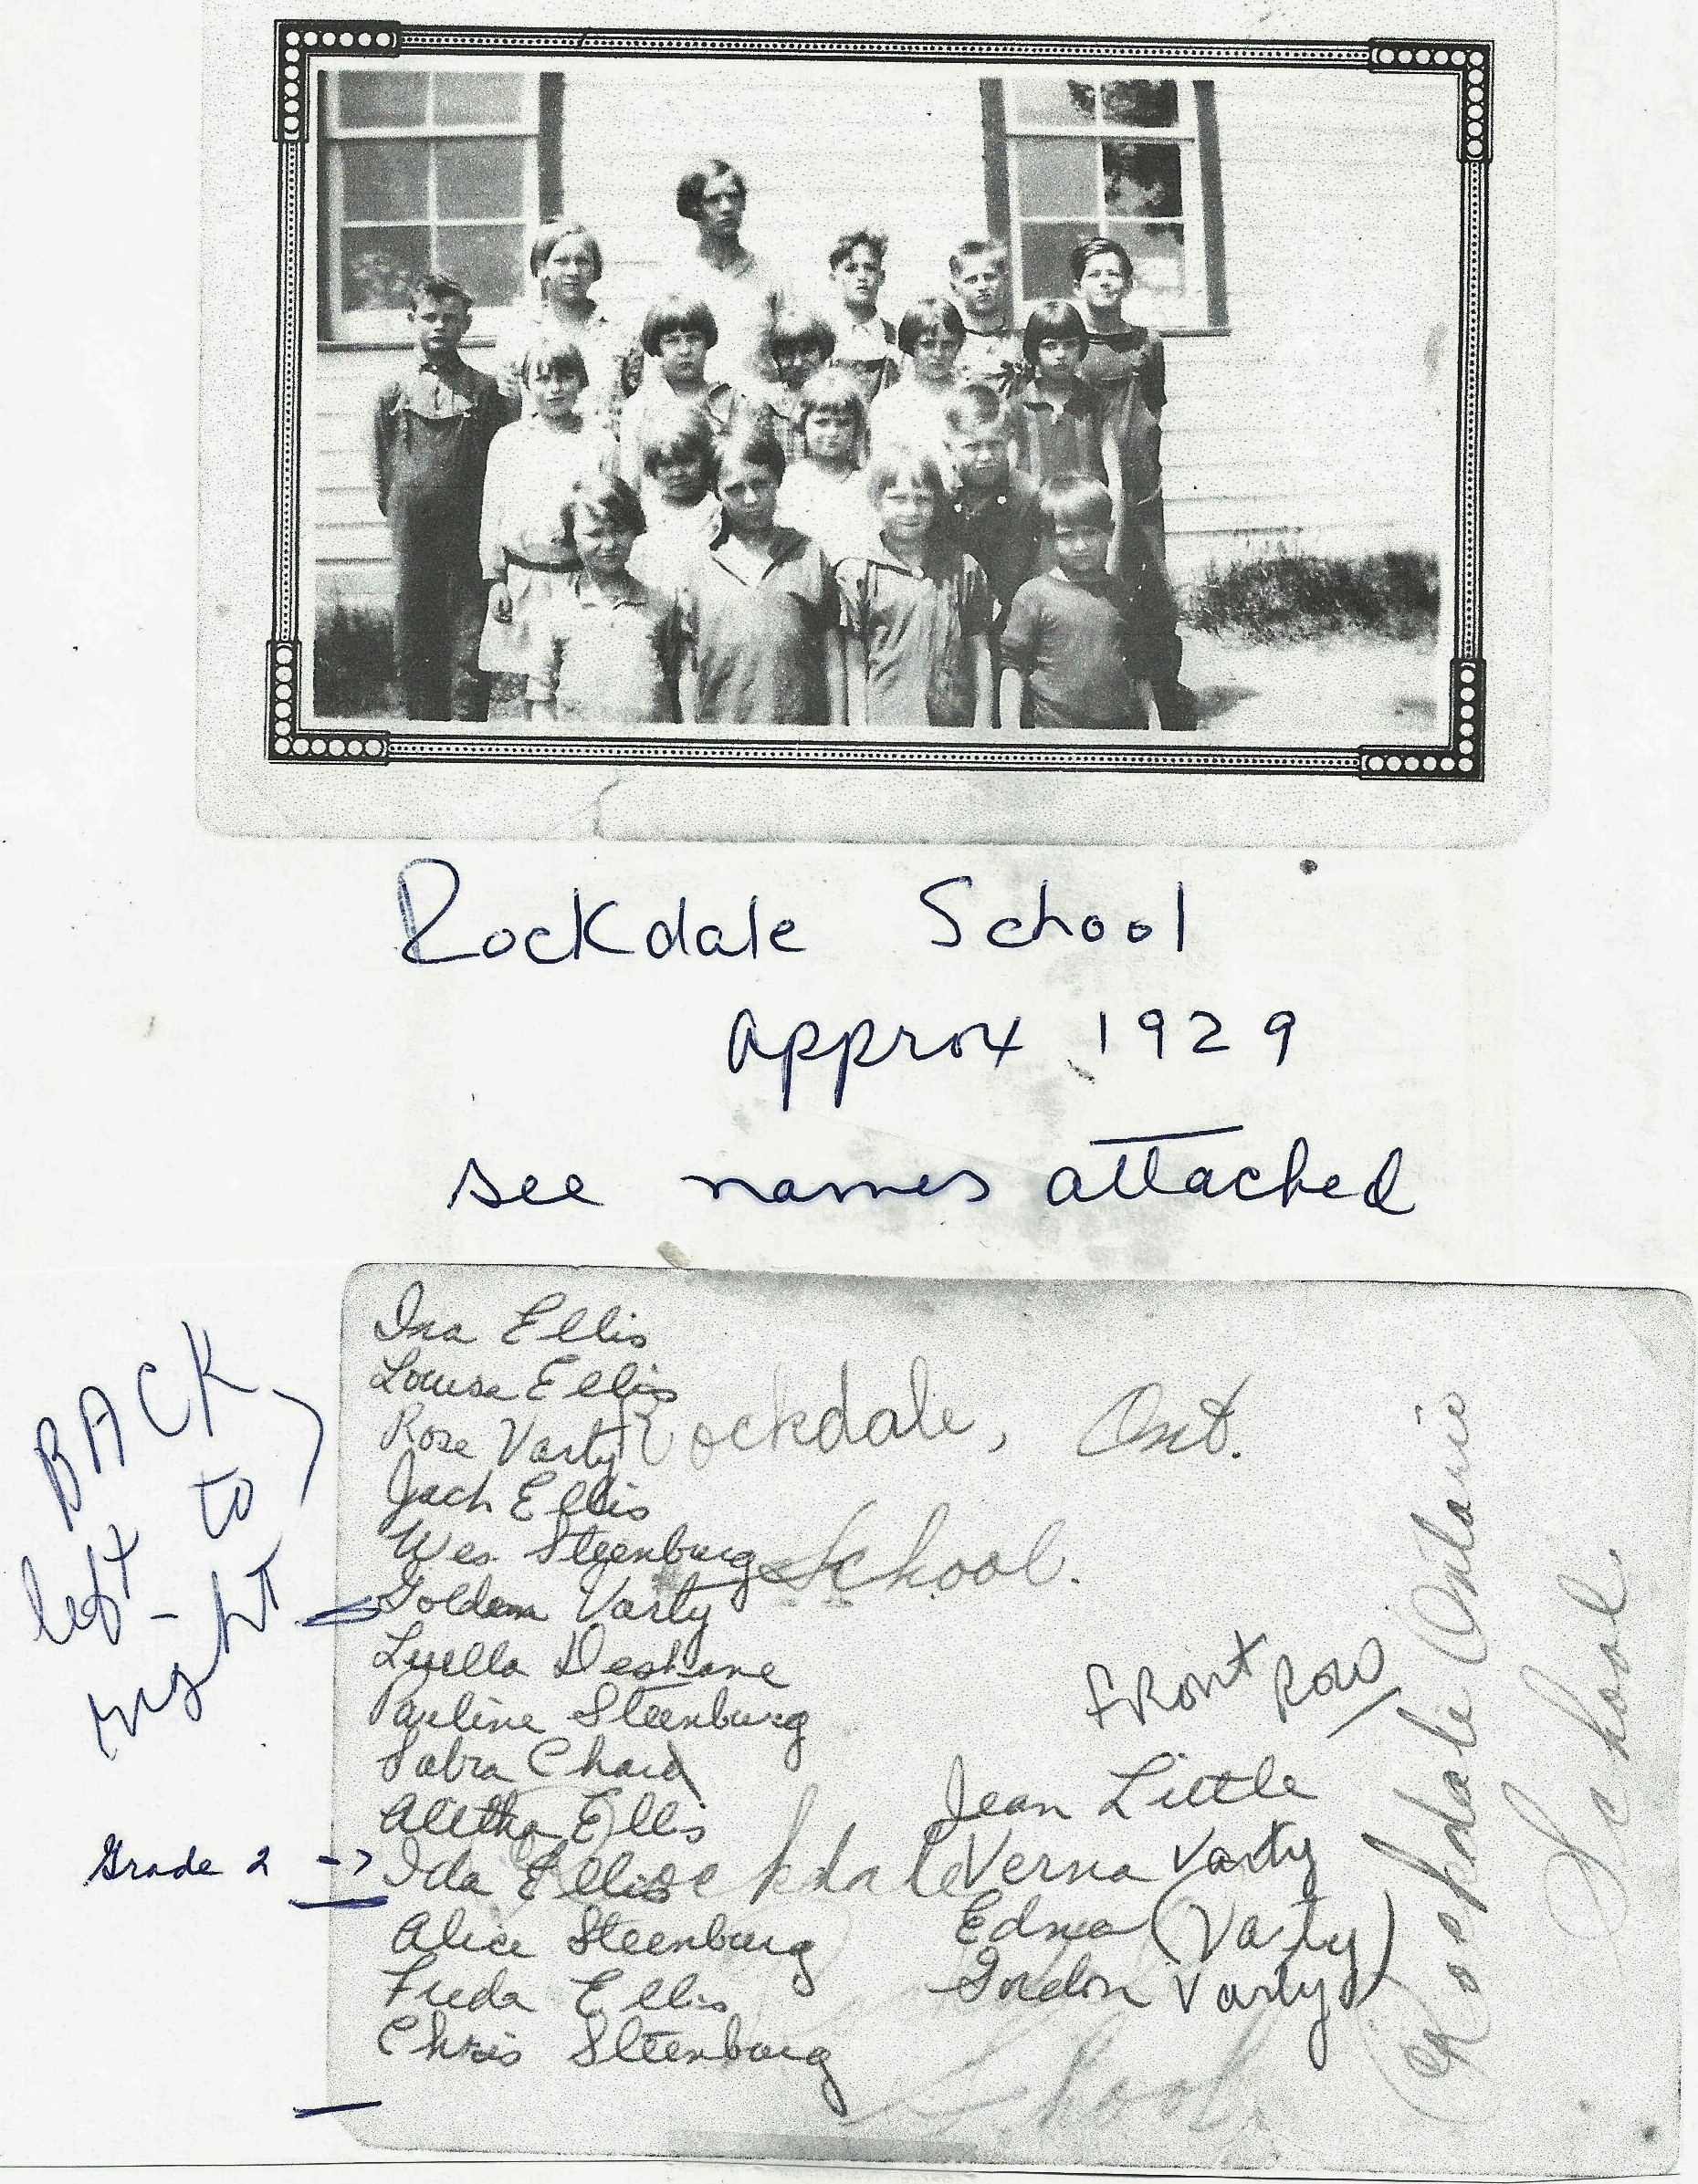 Rockdale school 1929.jpg